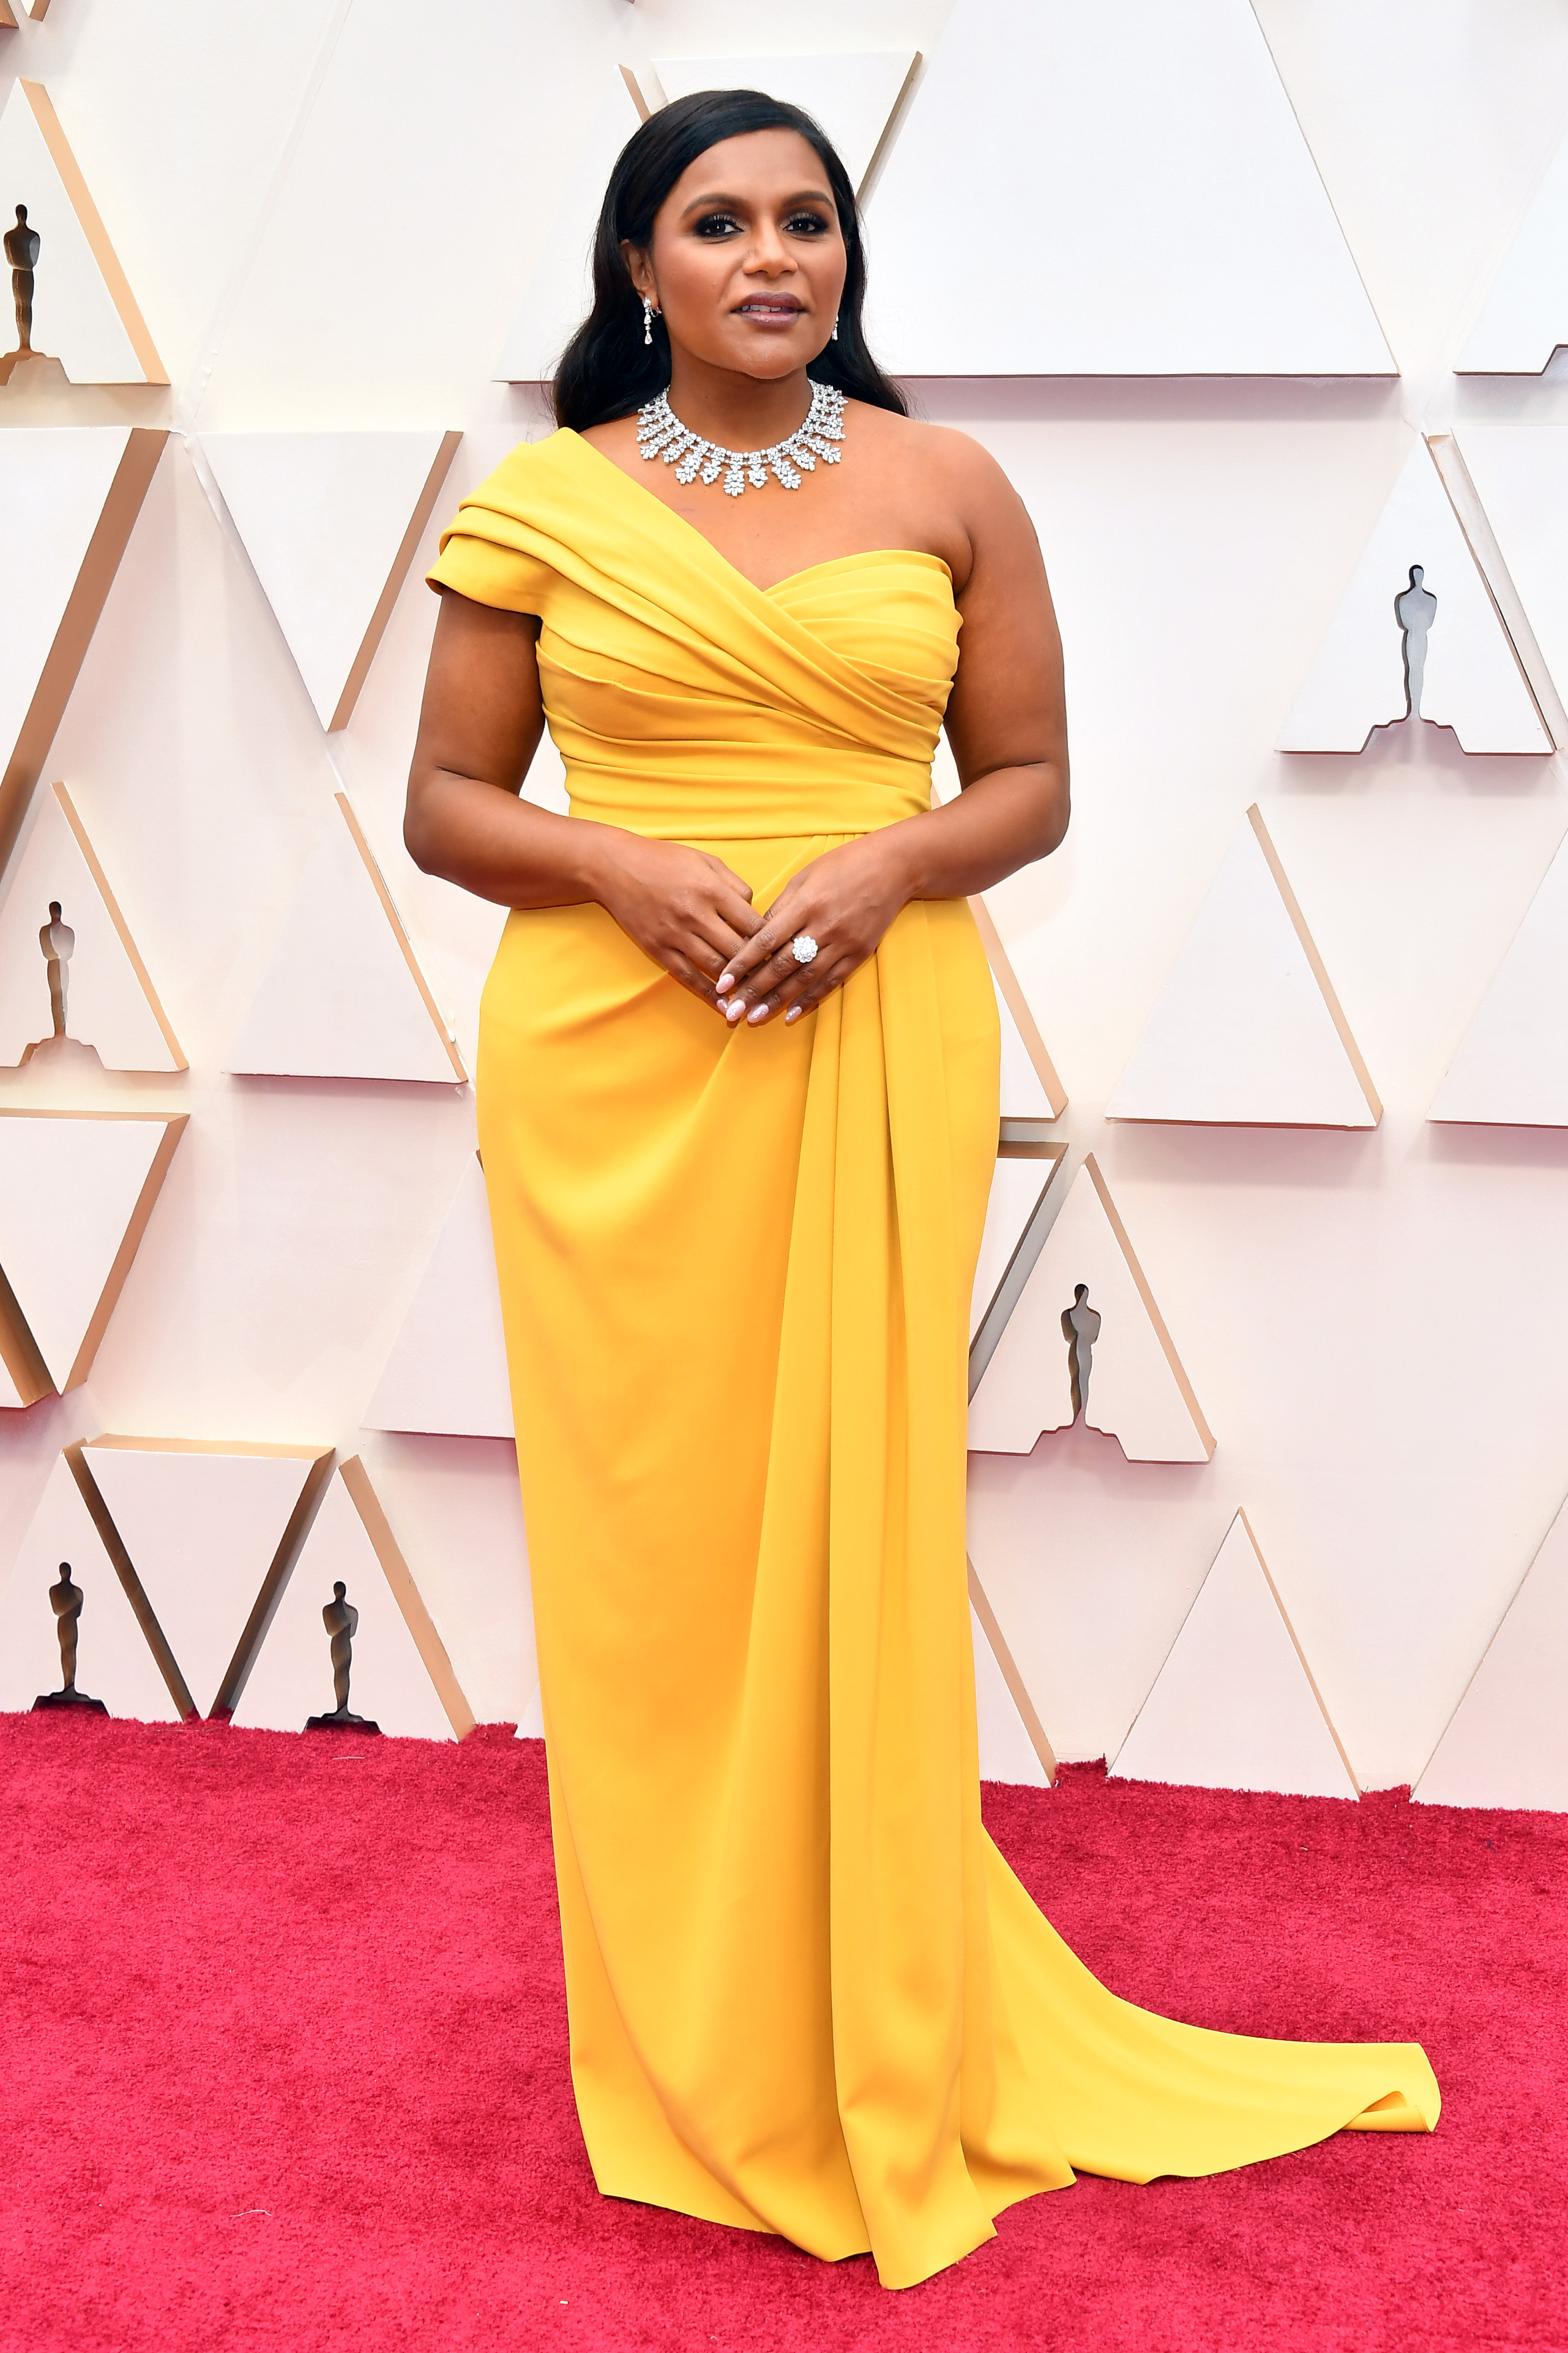 Минди Калинг в Dolce&Gabbana Жълтото определено е нейният цвят, а кройката е правилна за фигурата й.